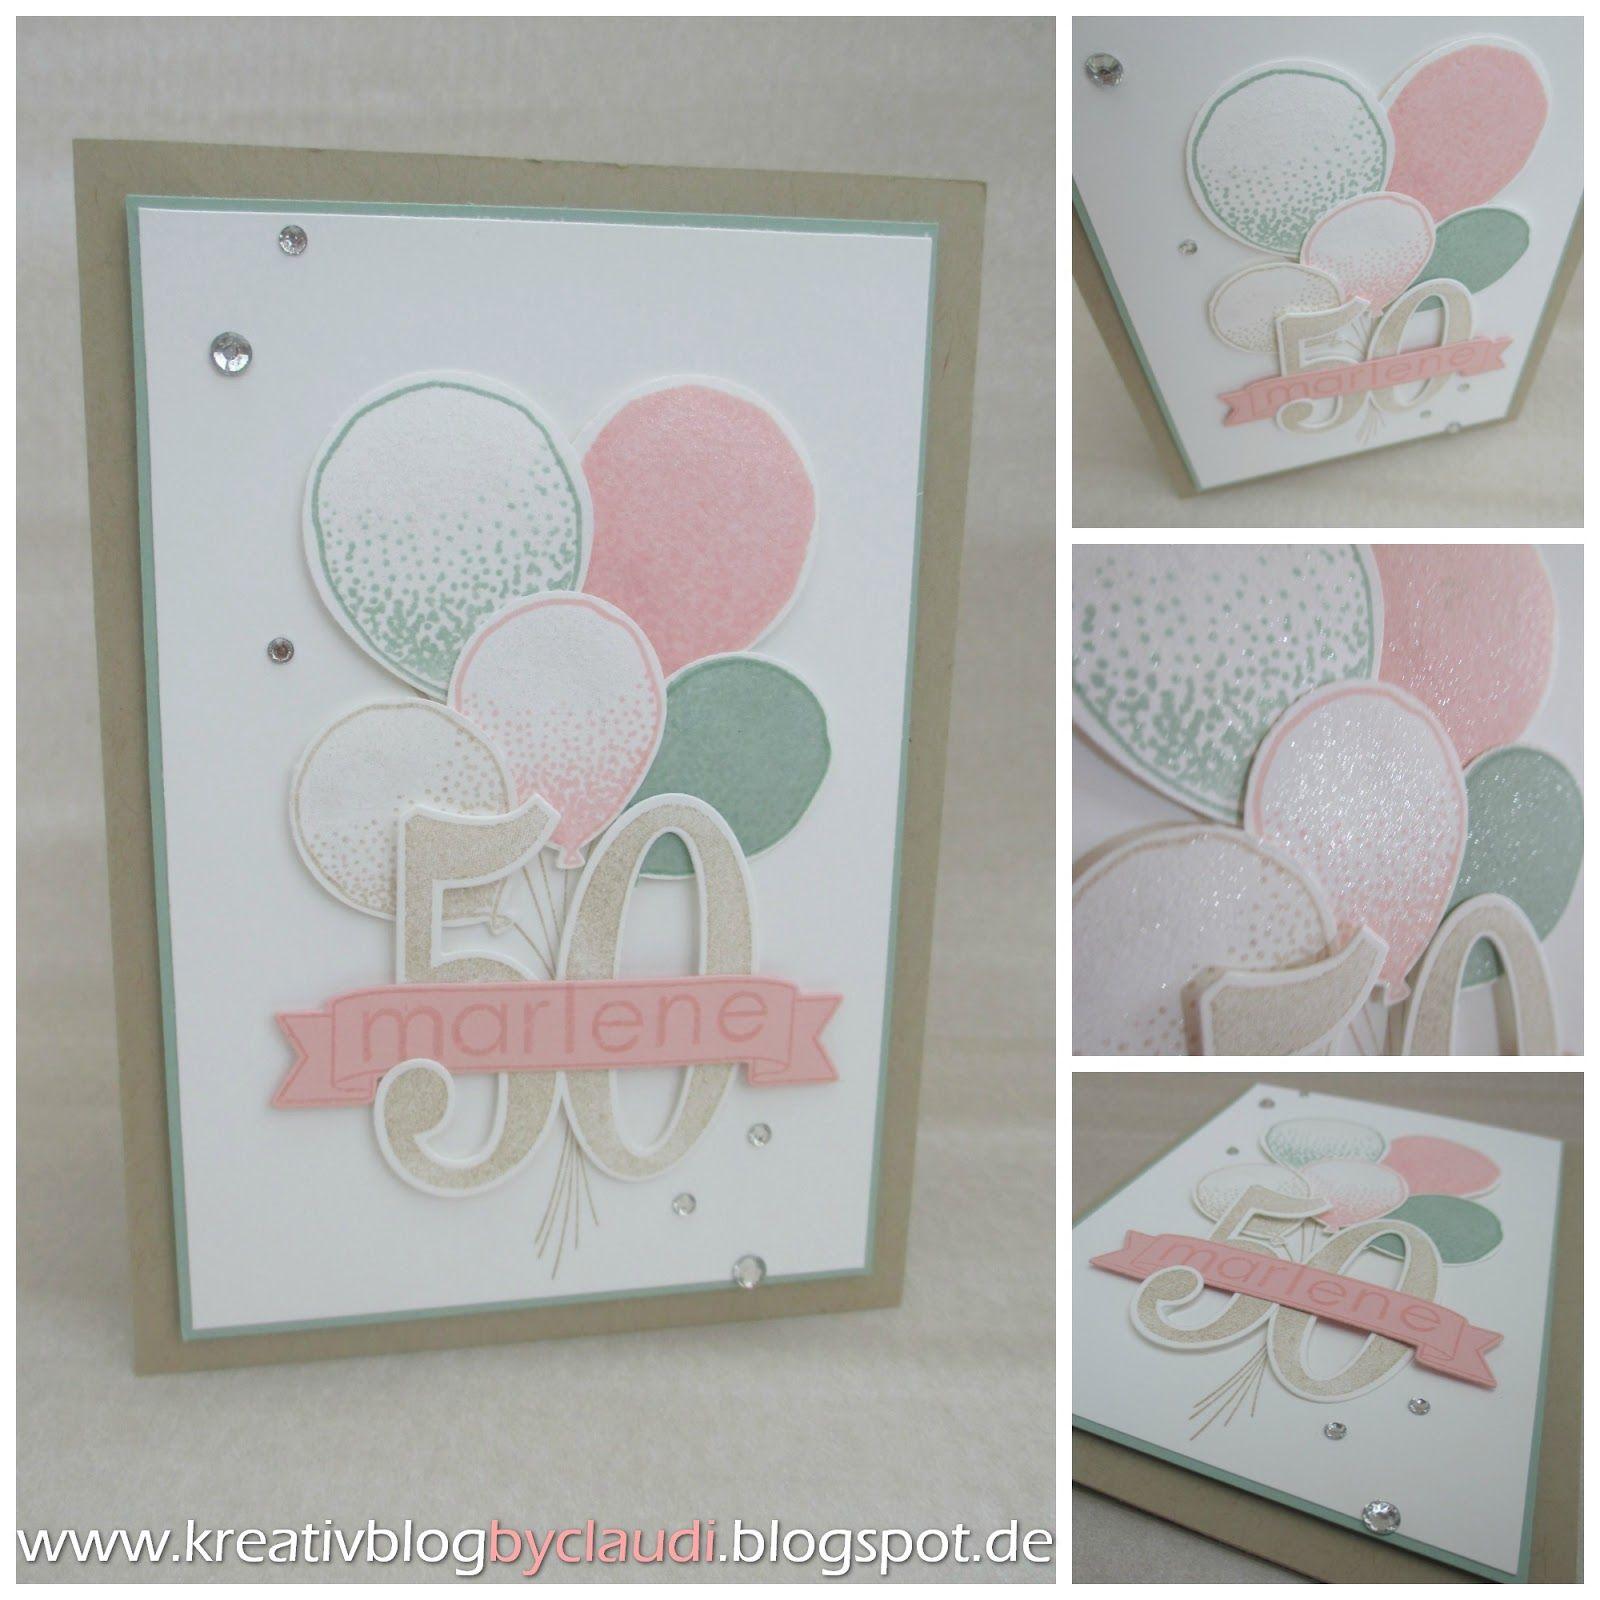 Eine Geburtstagskarte zum 50. mit den Party Ballons in zarten Farben ...